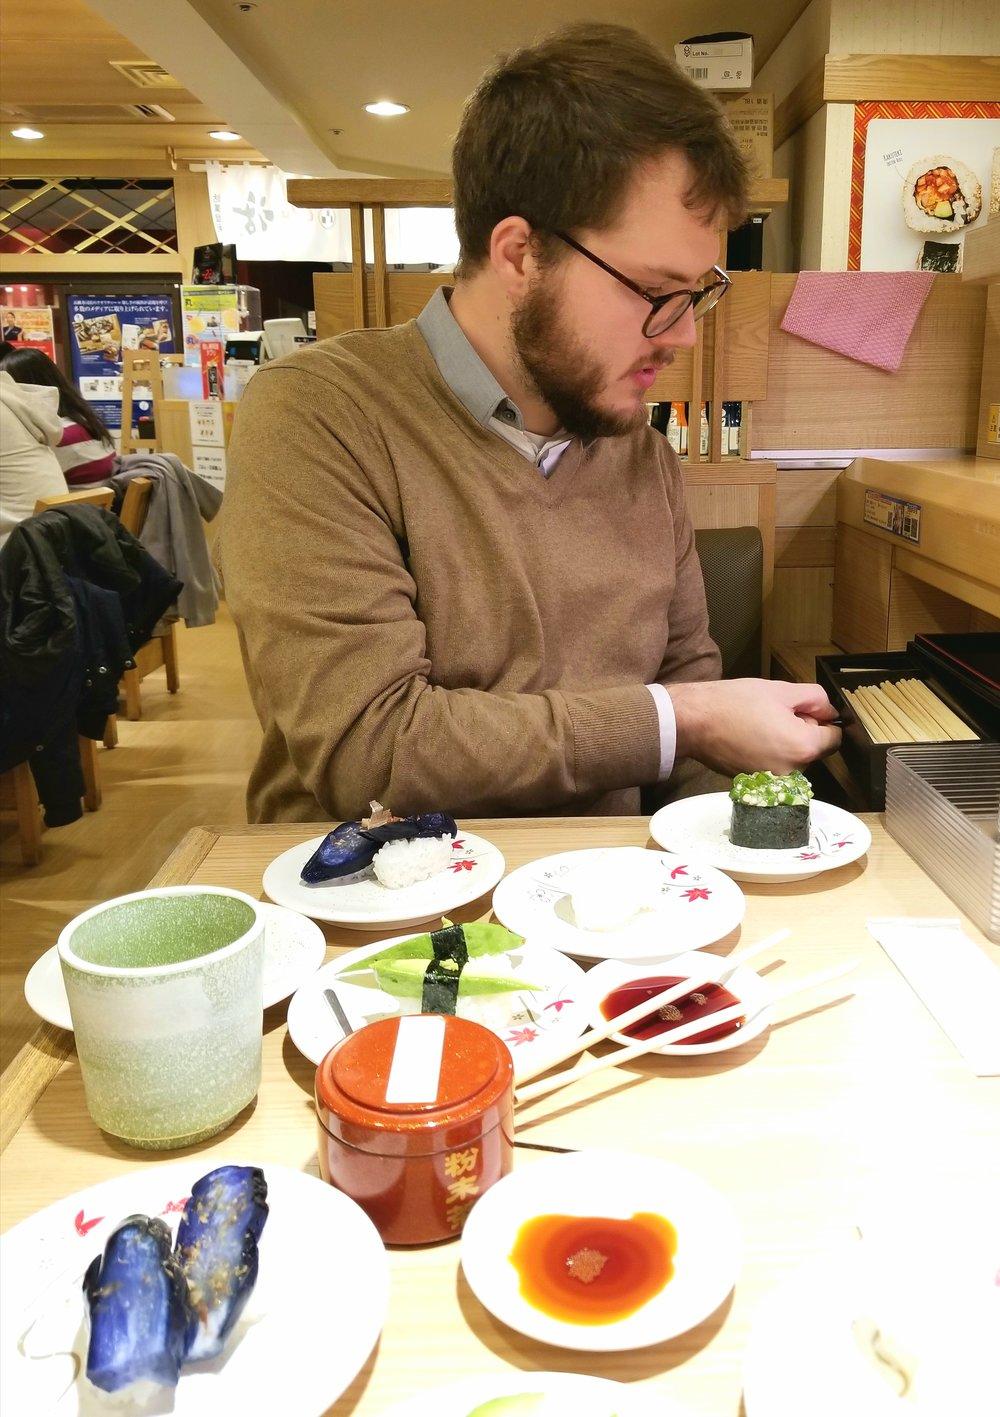 uprooted-traveler-katsu-midori-vegan-guide-to-tokyo-conveyer-sushi